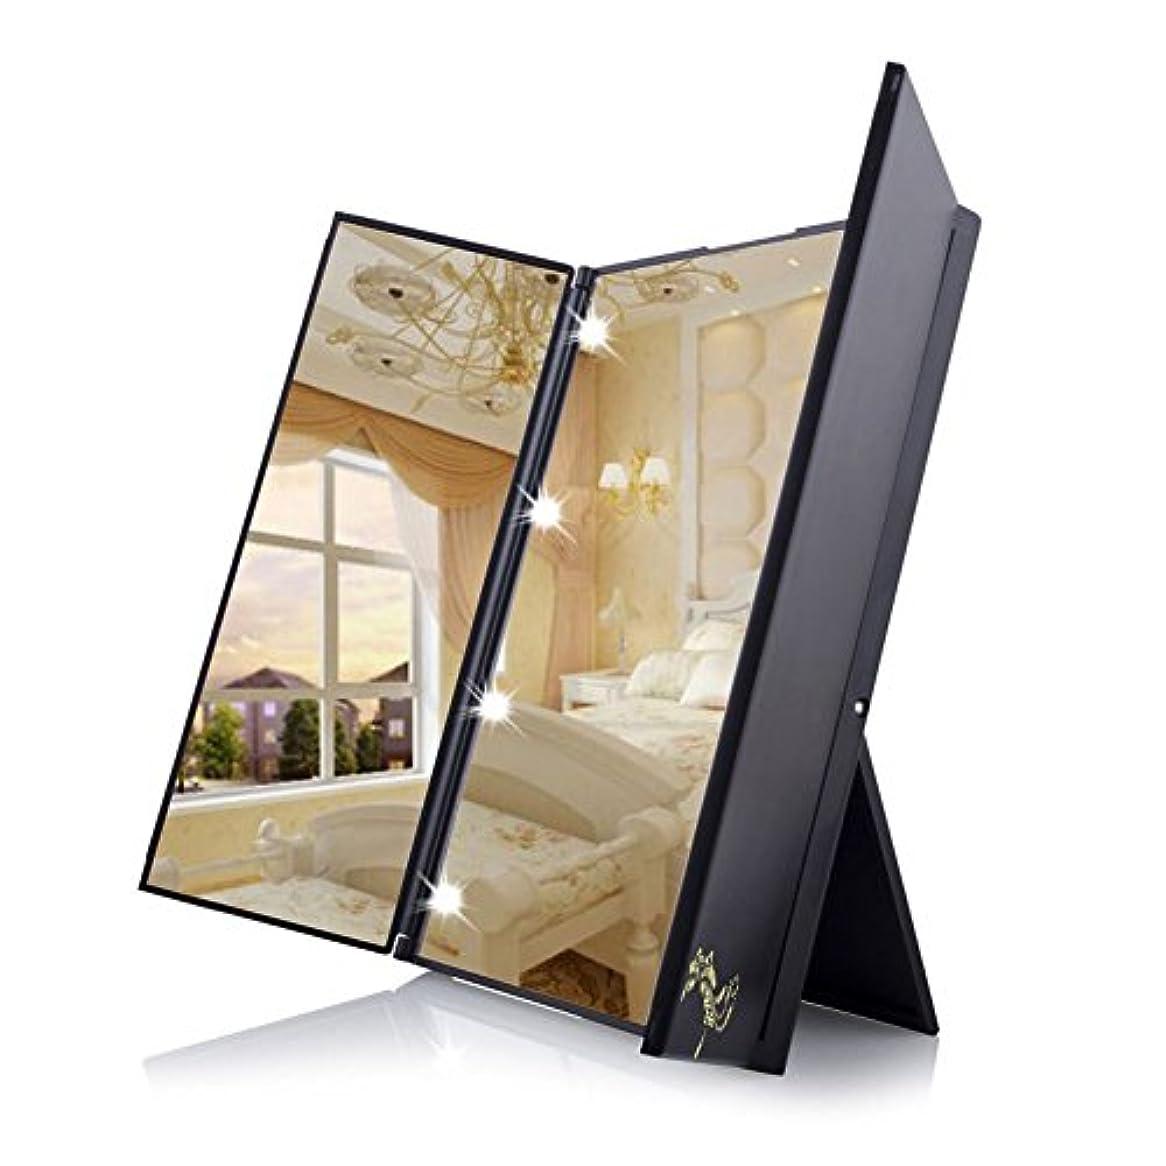 議題画像隔離鏡 スタンドミラー 折りたたみ式の三面鏡 ハートの形をしたLEDライトが8個 角度調整可能化粧鏡 Luuhann